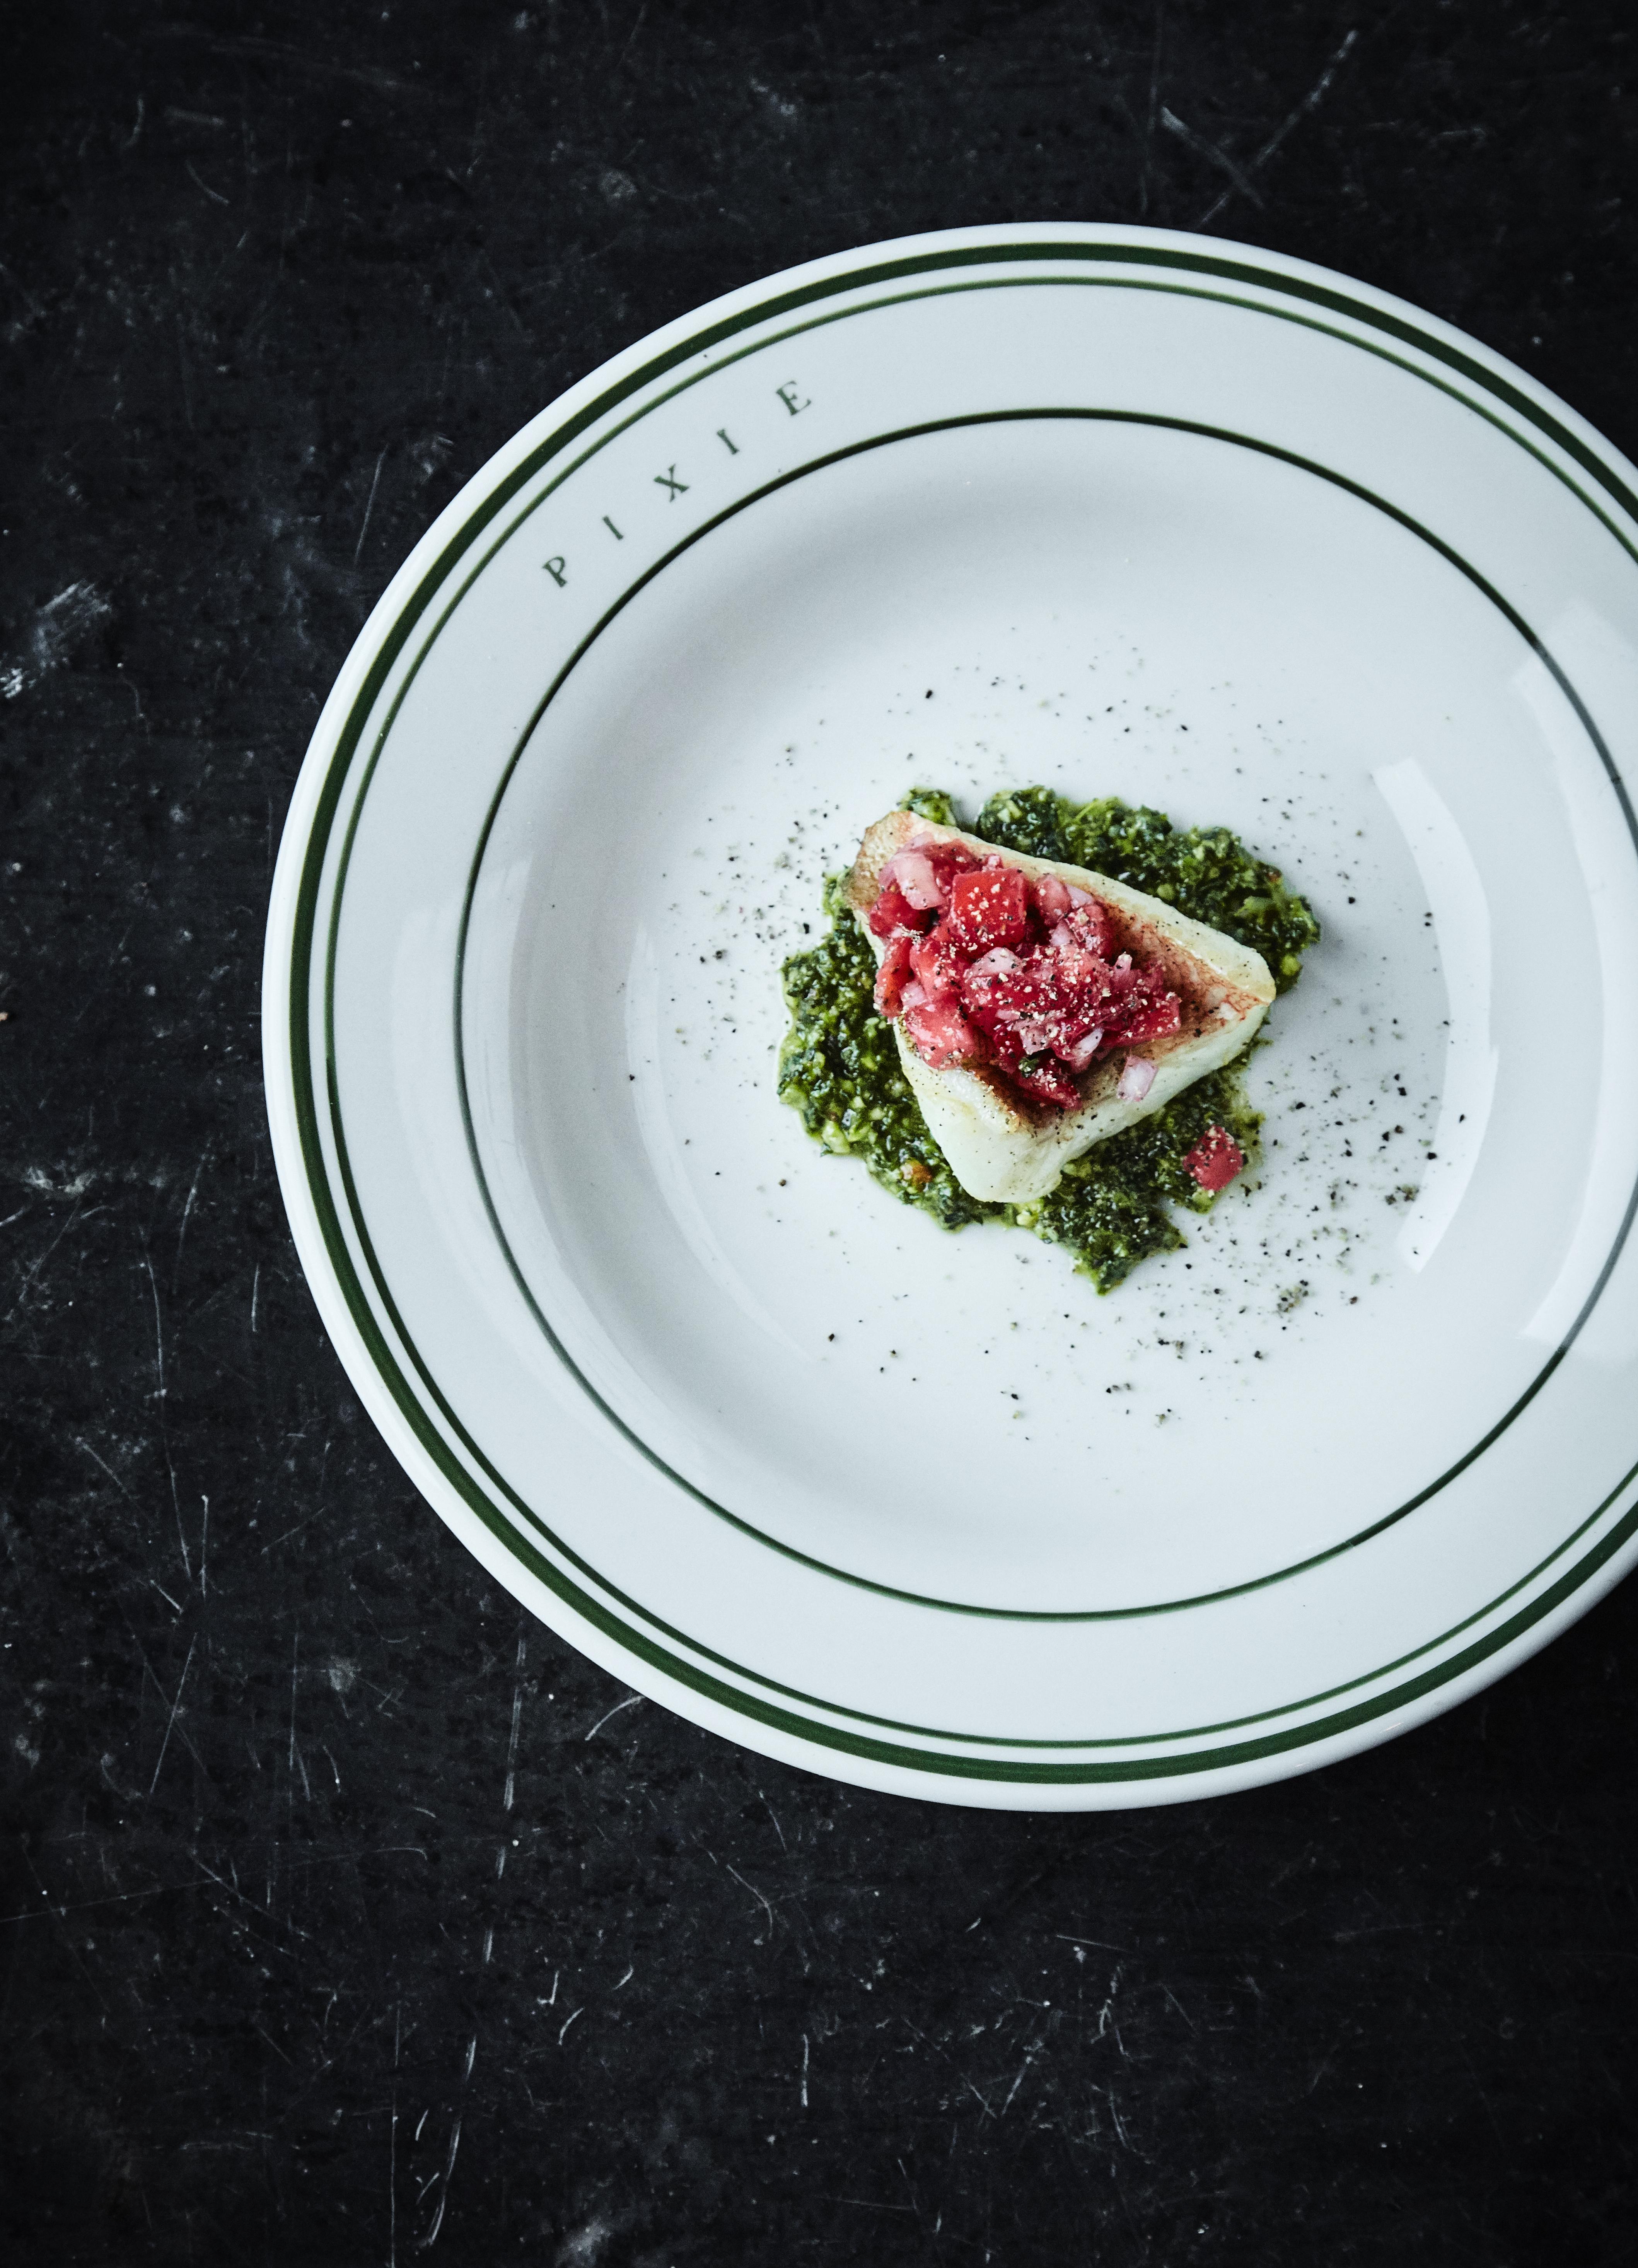 Rødfisk med persillepesto og jordbærsalsa